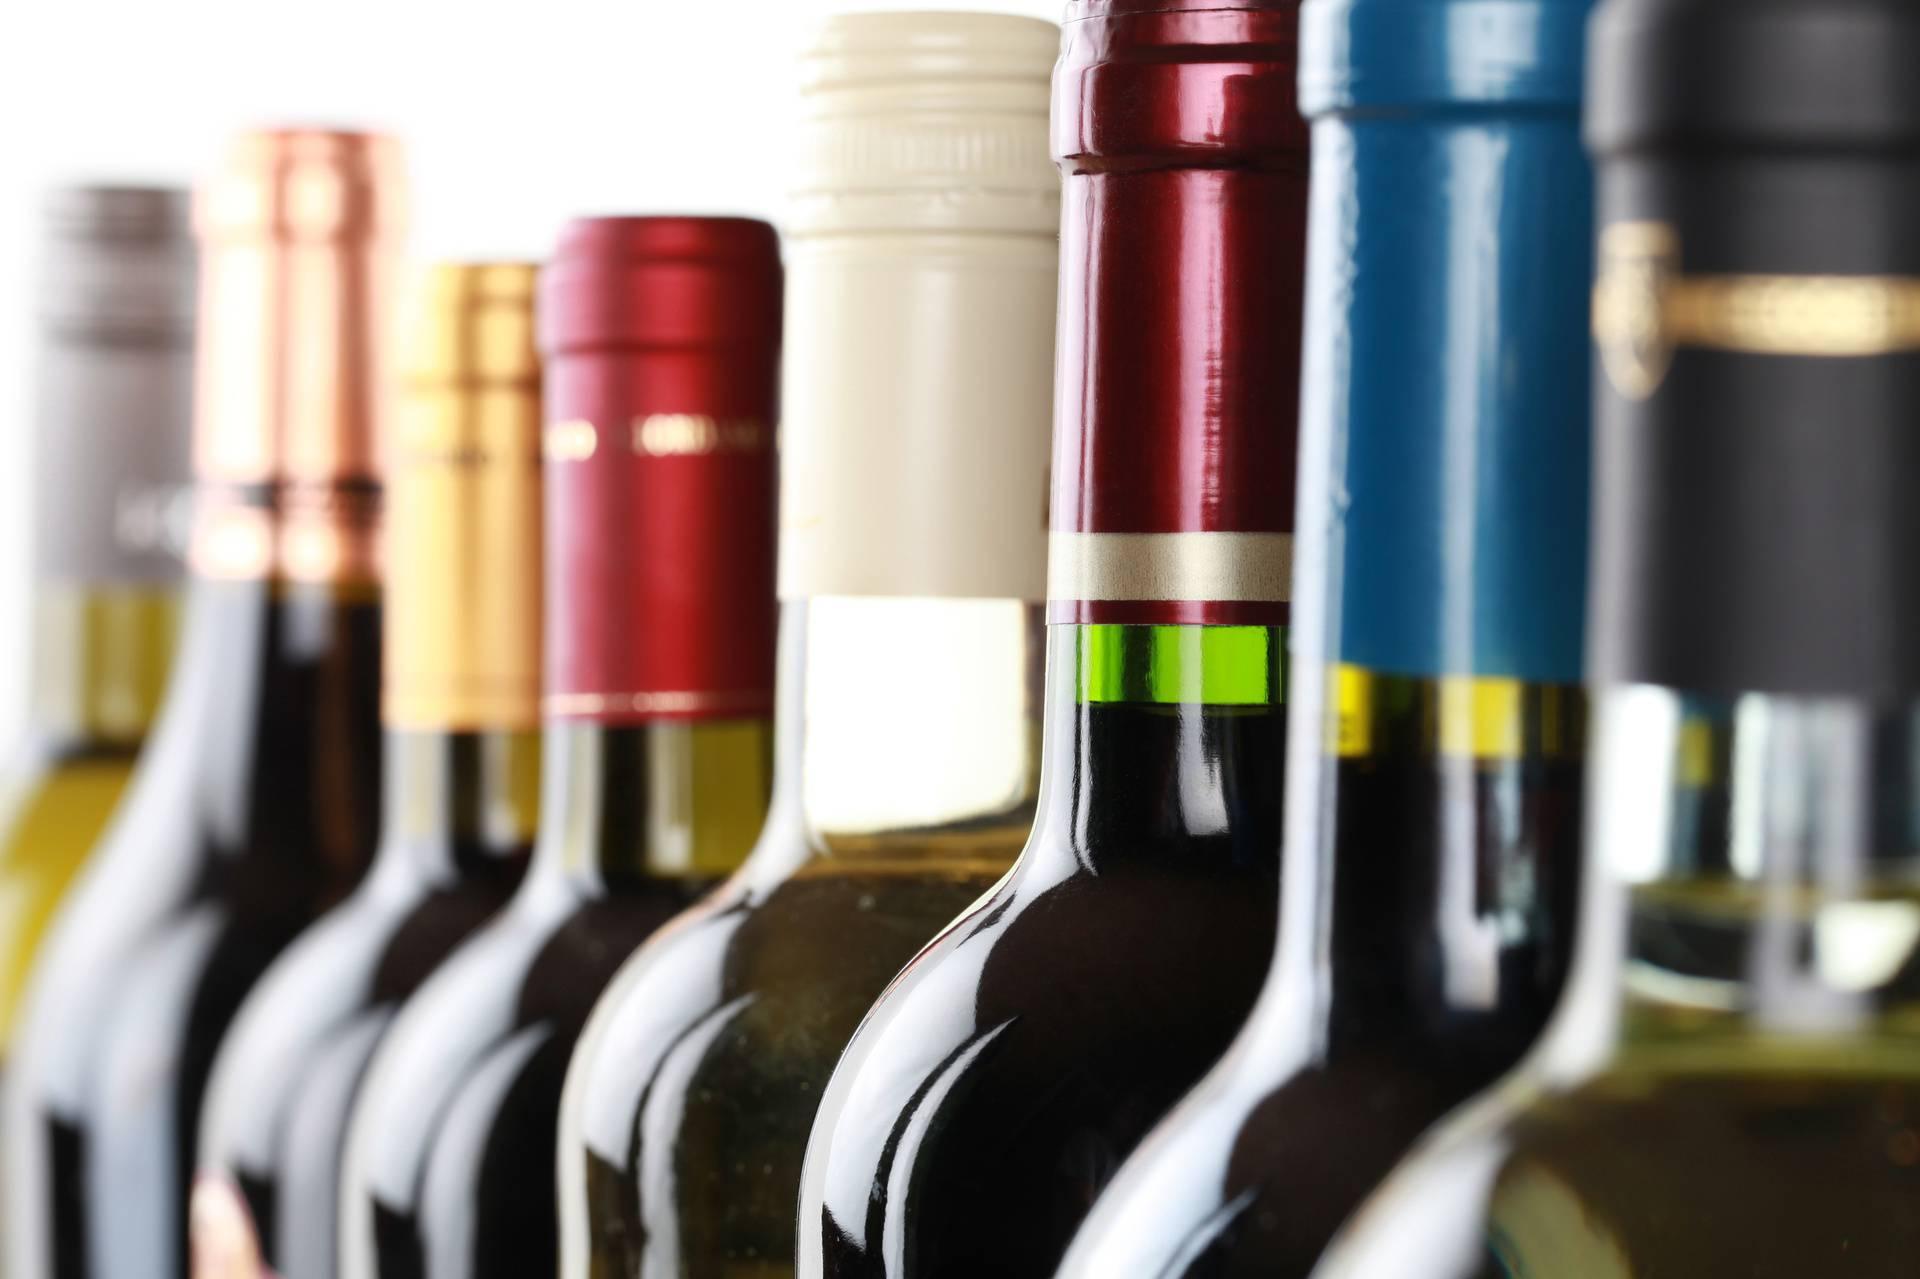 Vino iz Italije, Makedonije i Čilea prodavali kao hrvatsko